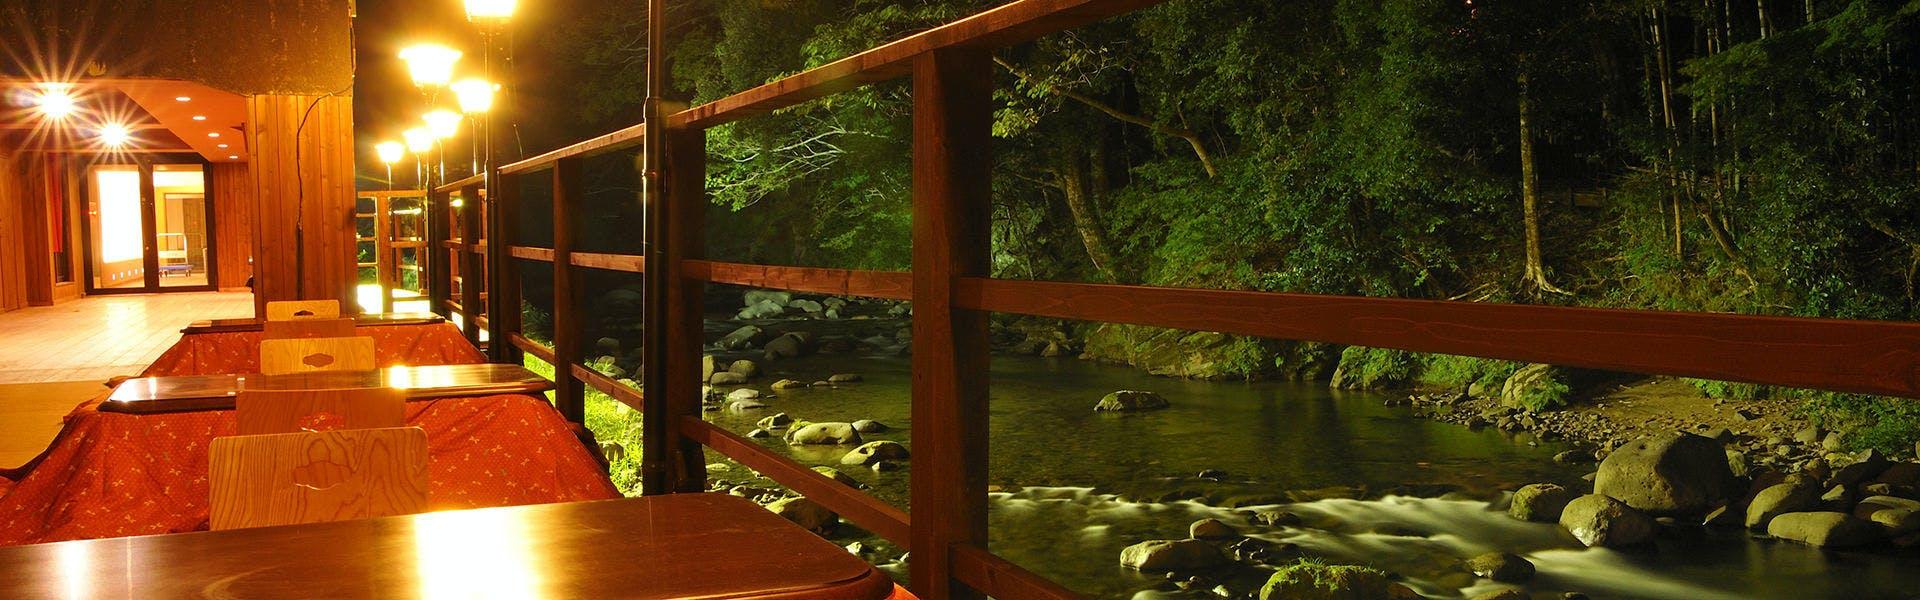 記念日におすすめのホテル・水のみち 風のみち 湯ヶ島 たつたの写真2